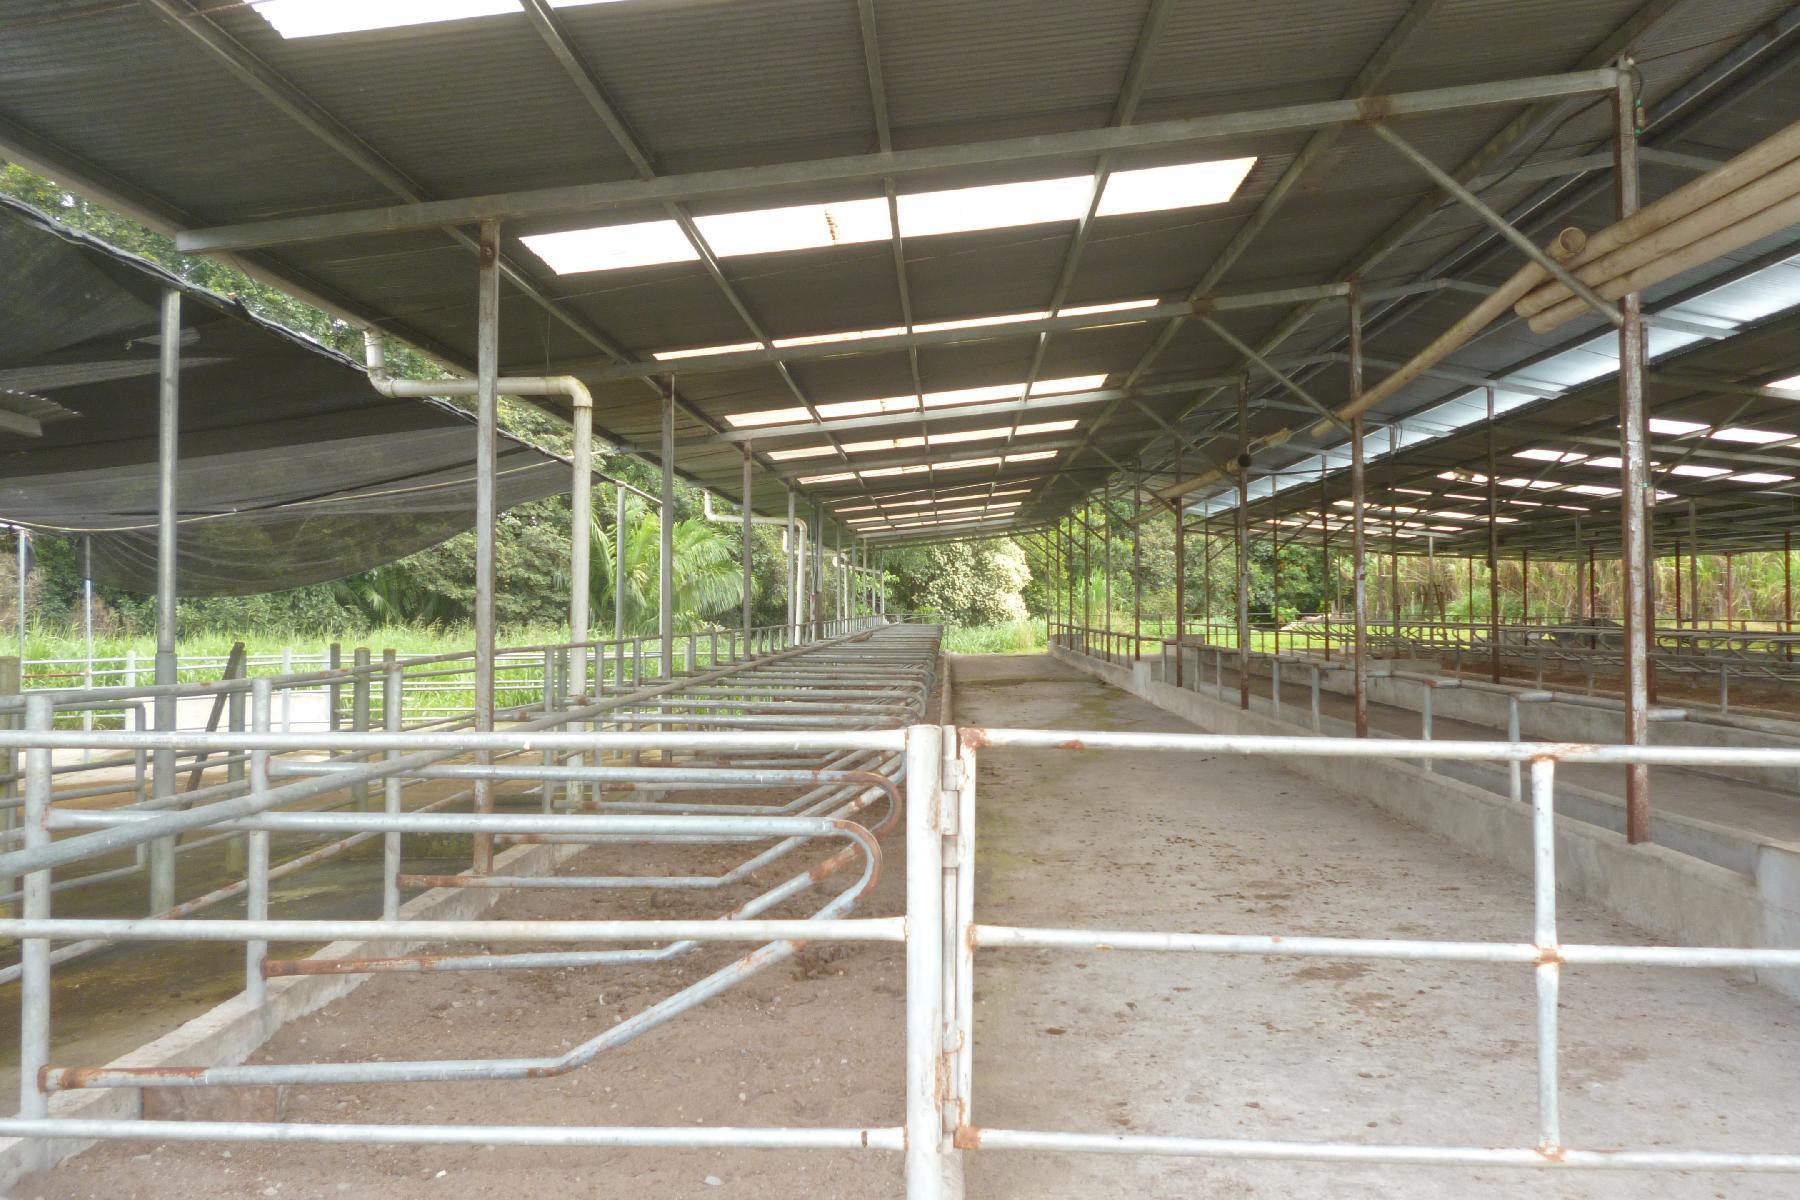 CHIRIQUI, BOQUERON, FARM IN MACANO.